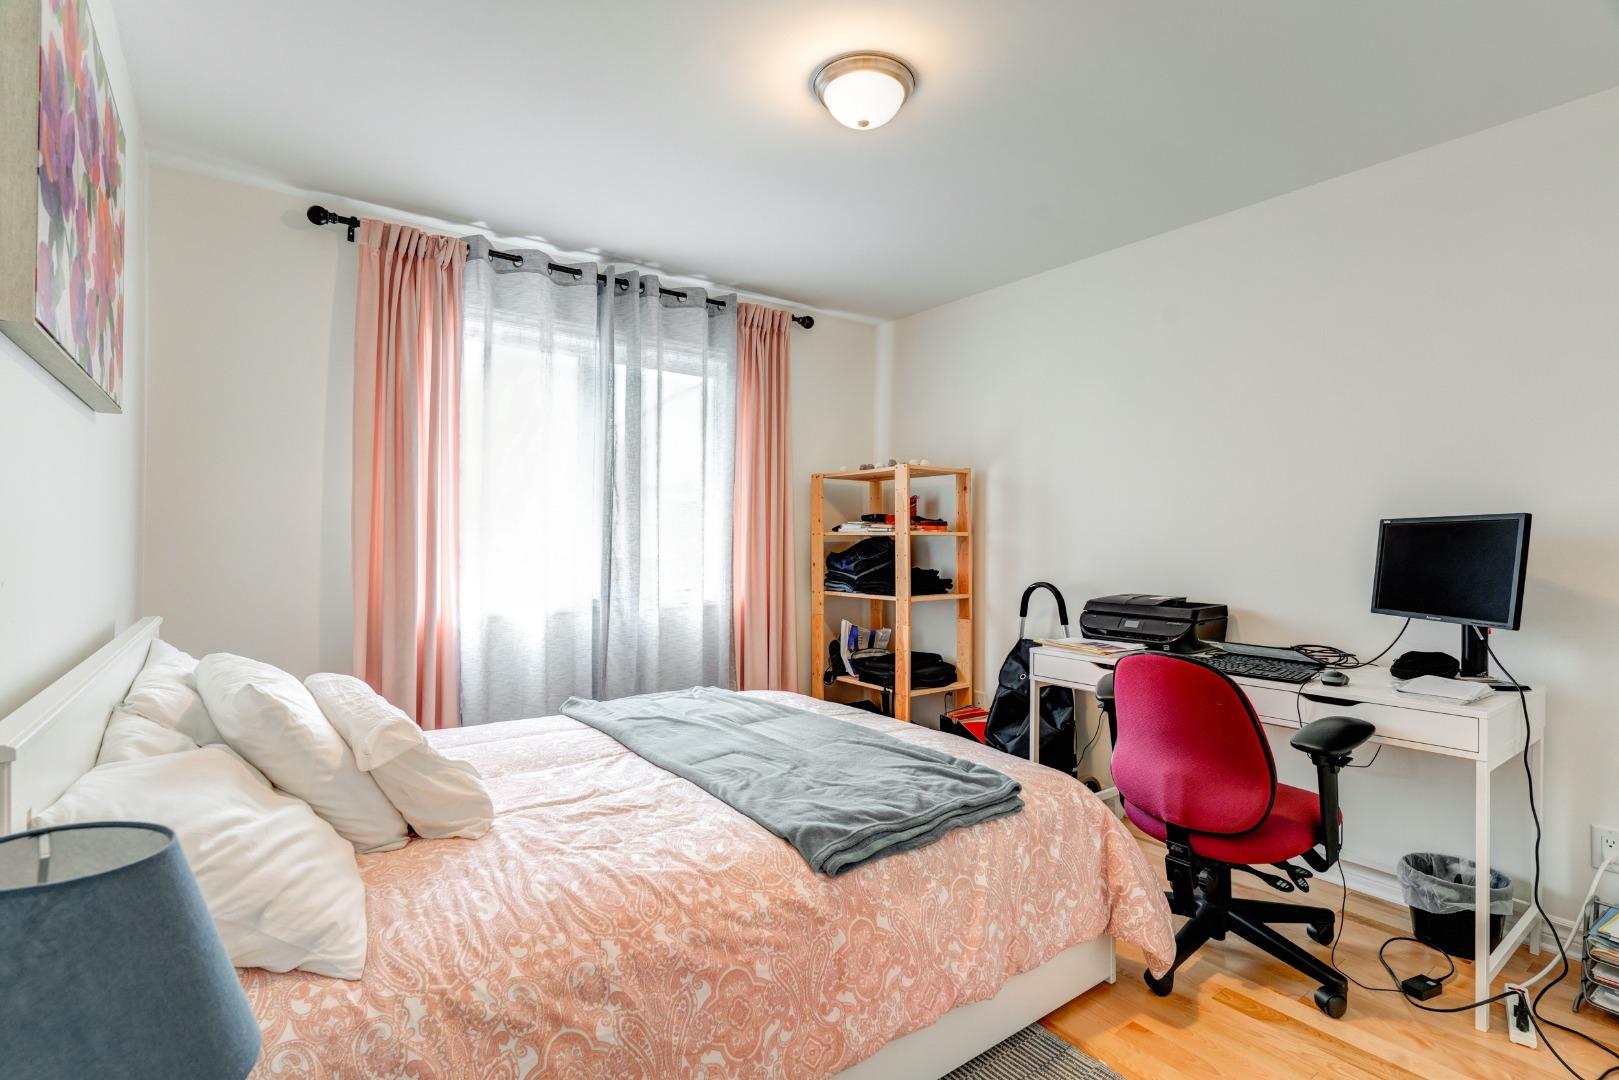 immophoto_-_Appartement_-_7074_de_Lorimier_-_es-13.jpg